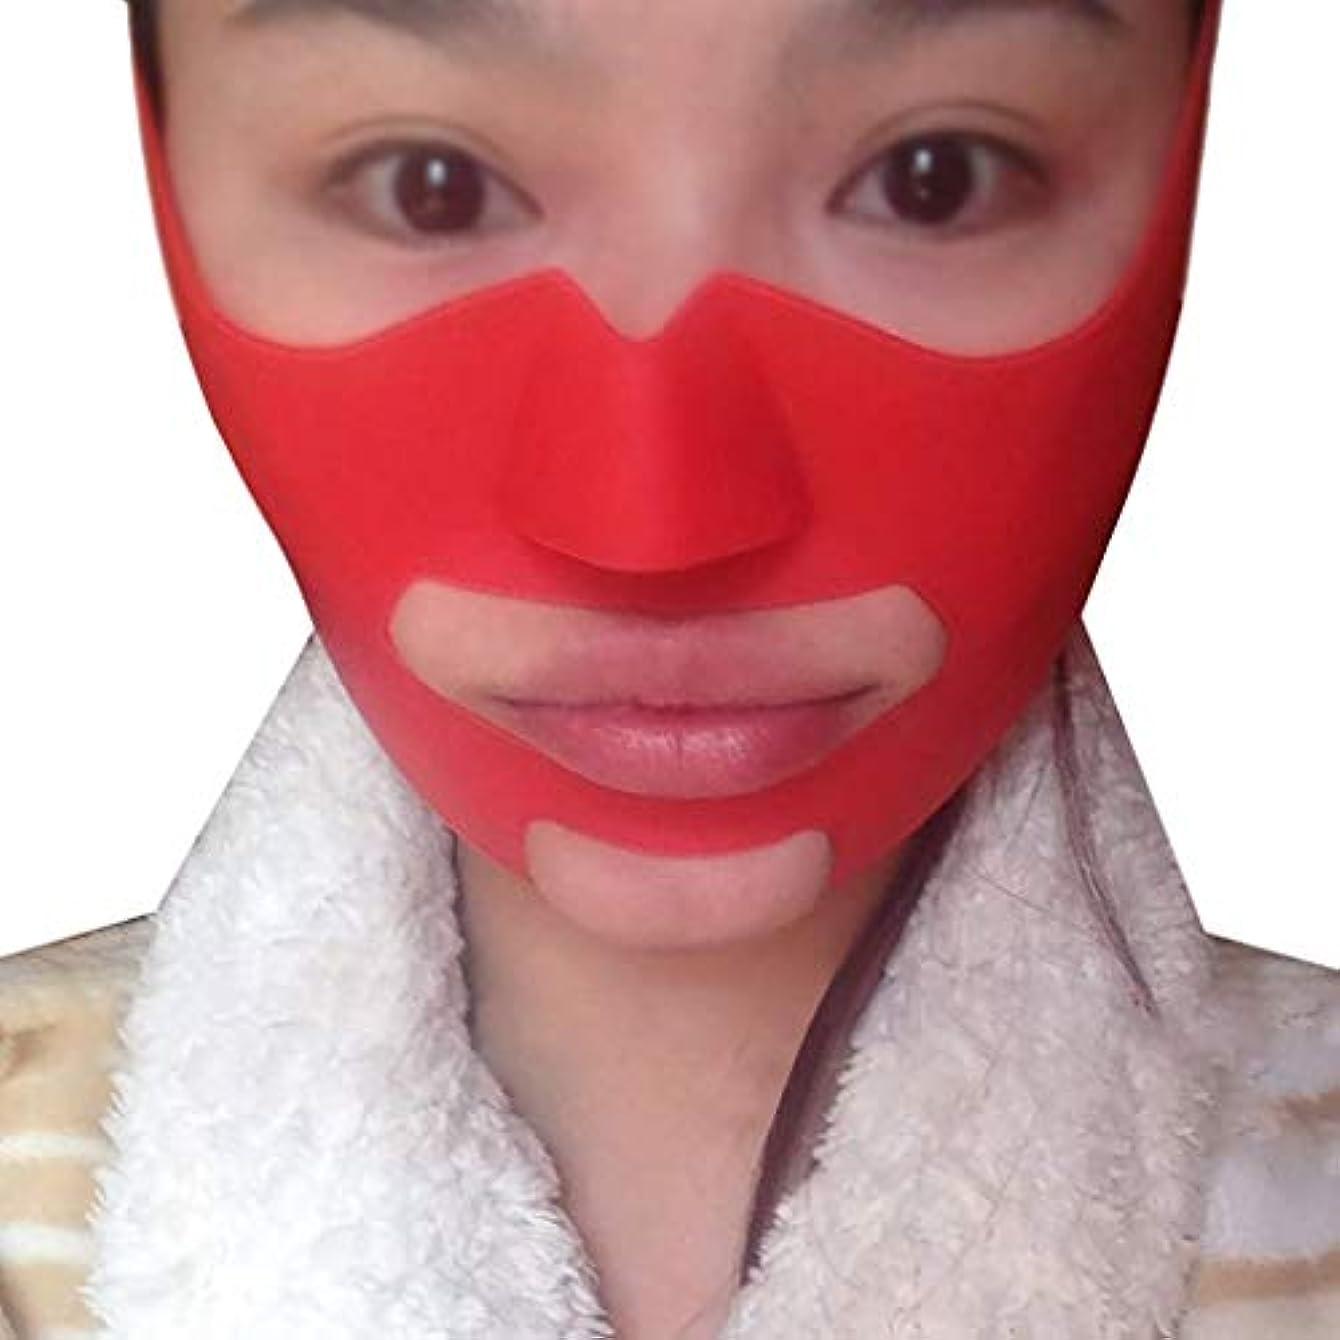 包帯陰謀カウンターパートフェイスリフトマスク、シリコーンVフェイスマスクフェイスマスク強力な薄い咬筋筋肉を持ち上げるアップルの筋肉パターン布アーティファクト小さなV顔包帯顔と首リフト